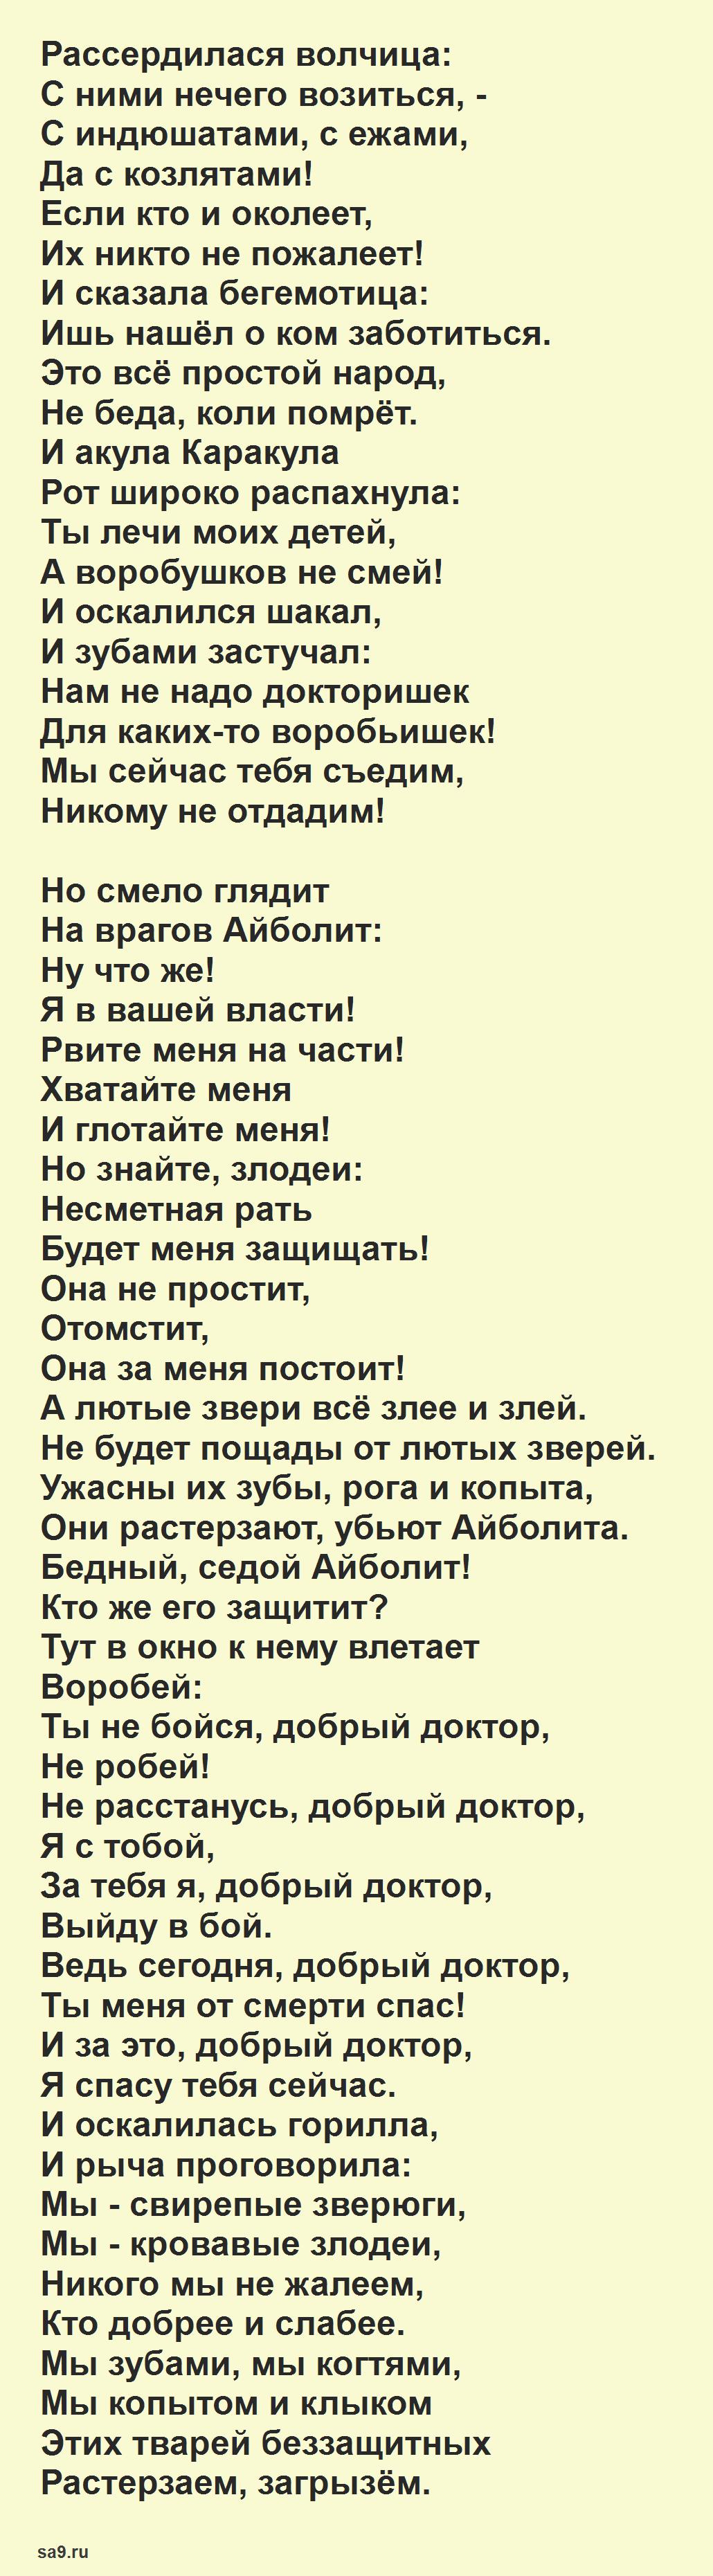 Сказка Корнея Чуковского 'Одолеем Бармалея', для детей